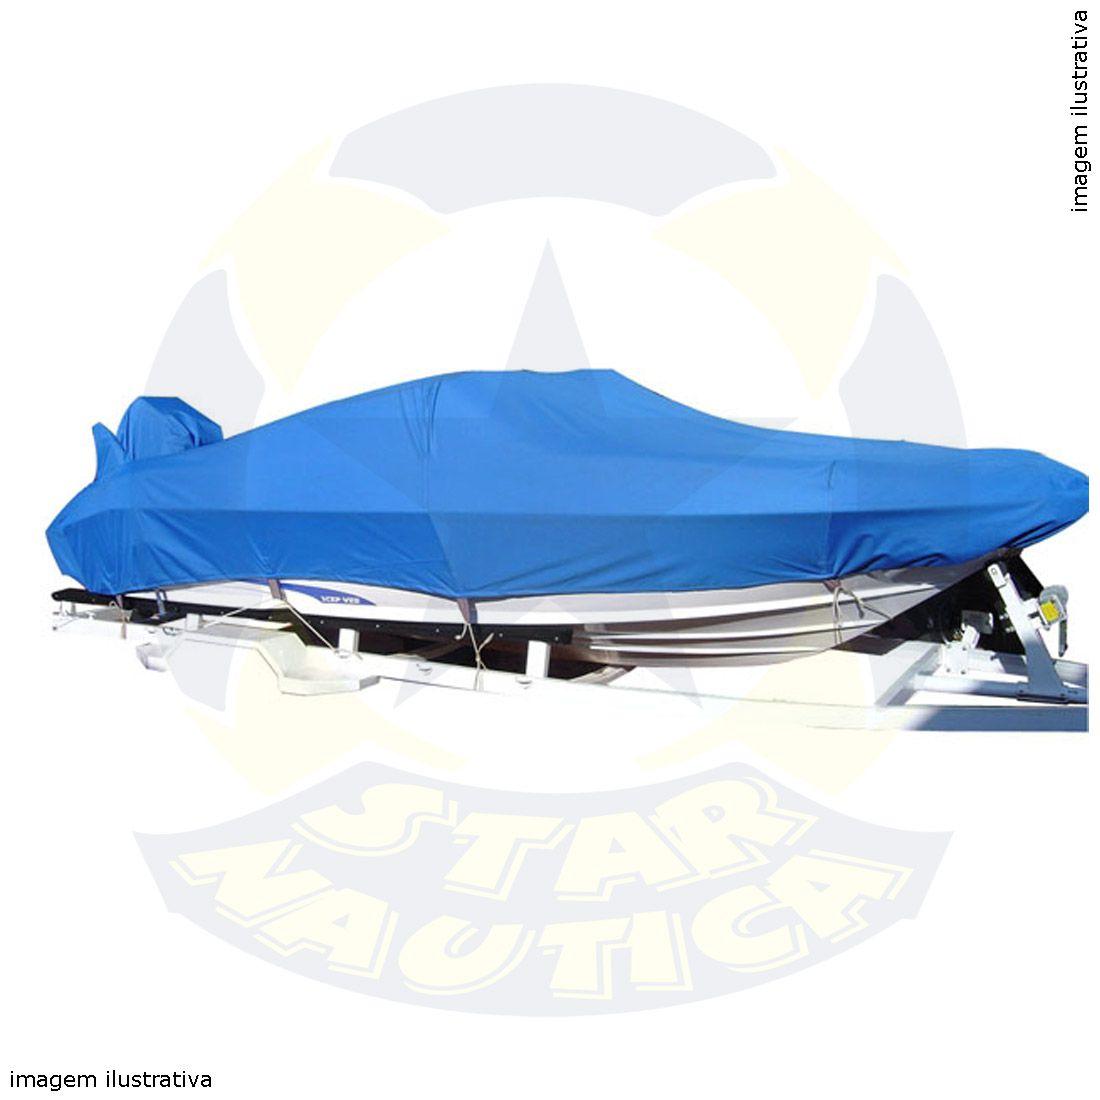 Capa Lona de Cobertura Lancha FS 200 Lona Vinílica